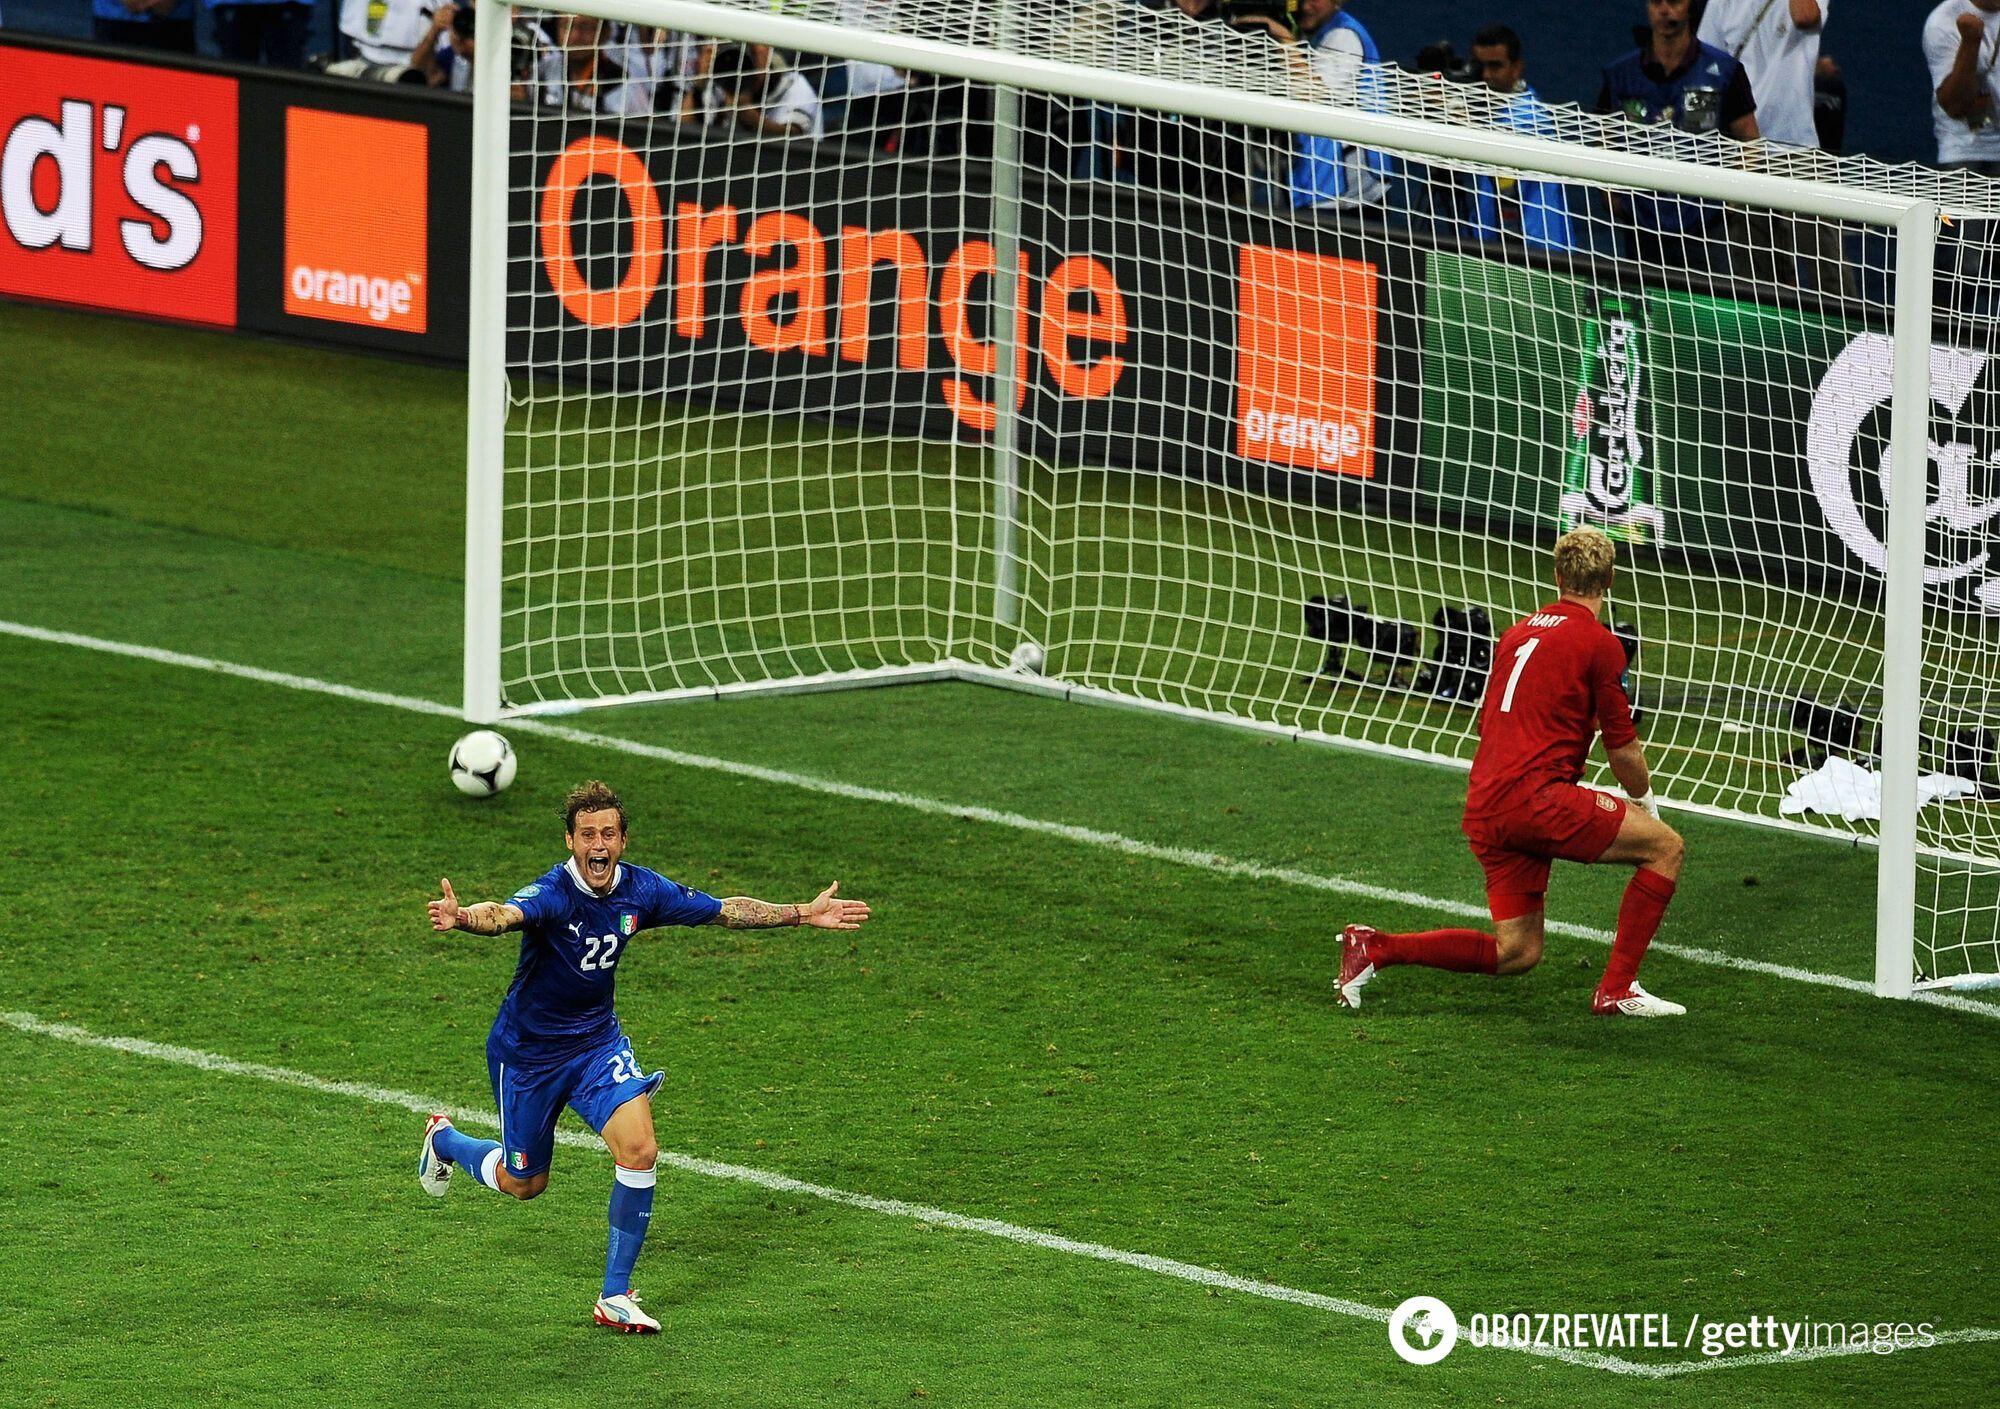 Италия и Англия встречались в четвертьфинале Евро-2012